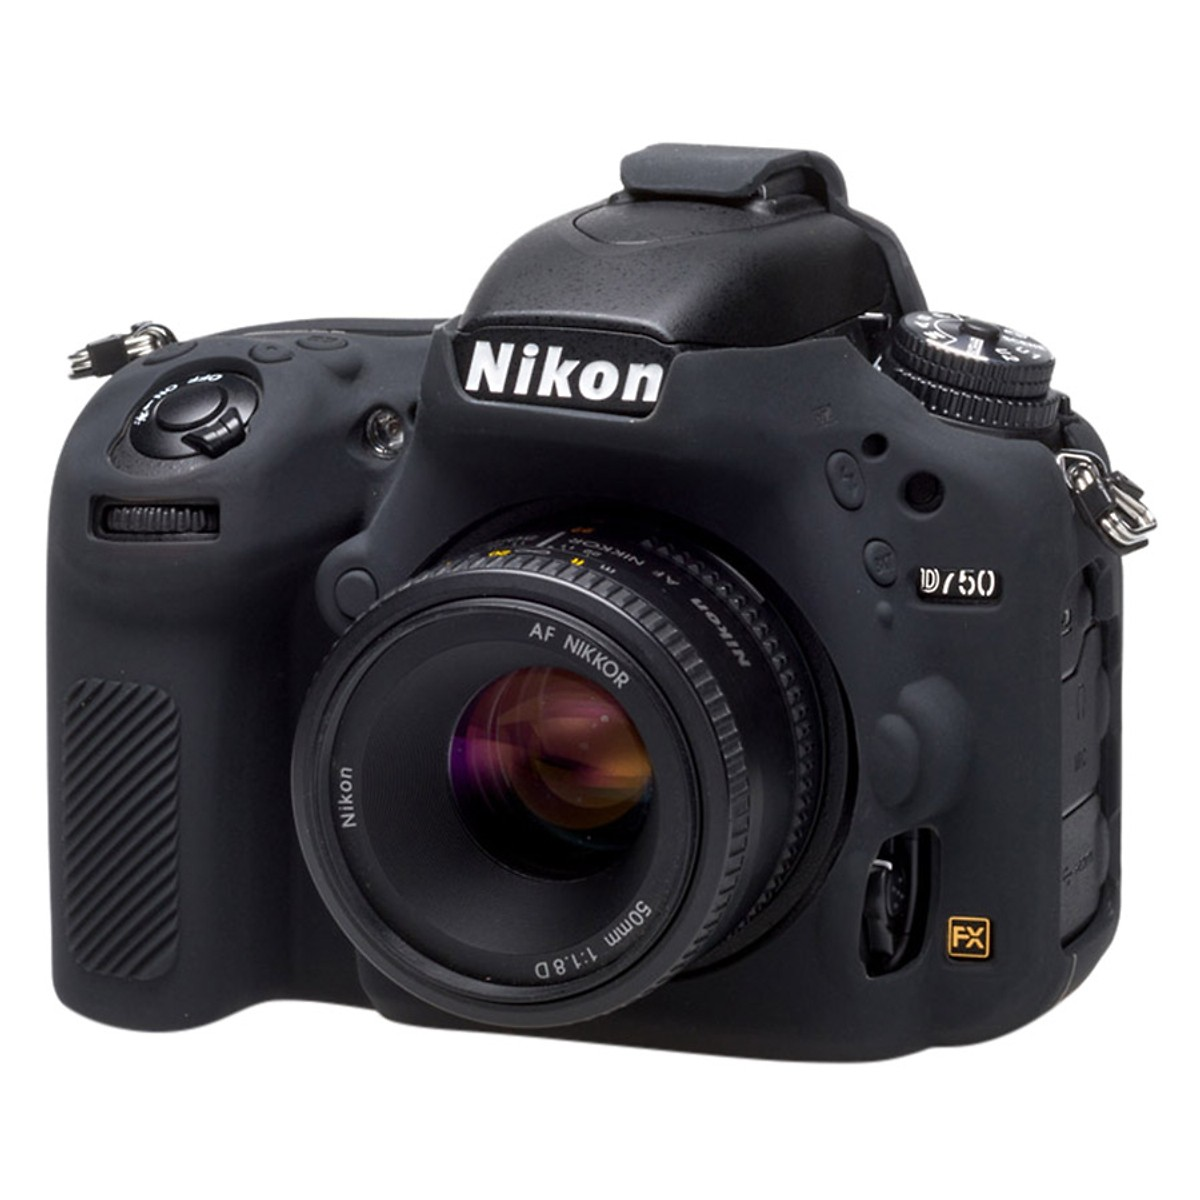 Bao Silicon Bảo Vệ Máy Ảnh  Cover Cho Nikon D750 Đen